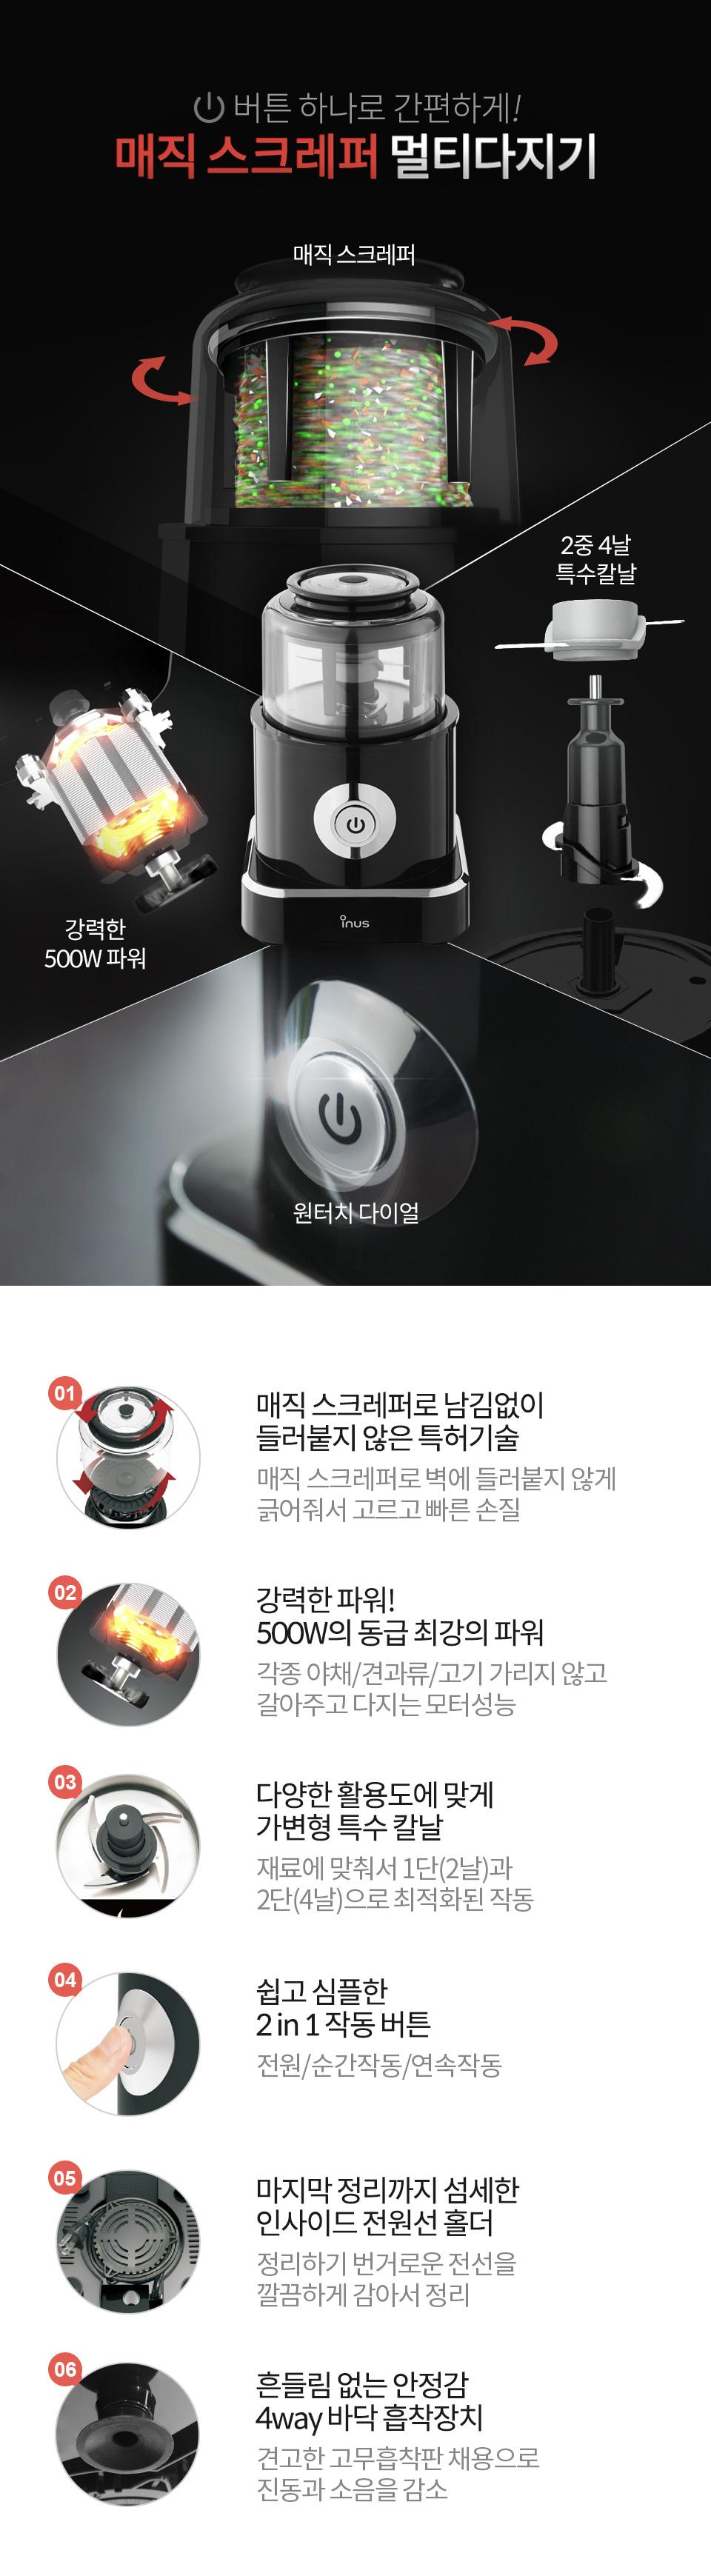 이누스 멀티다지기 소개